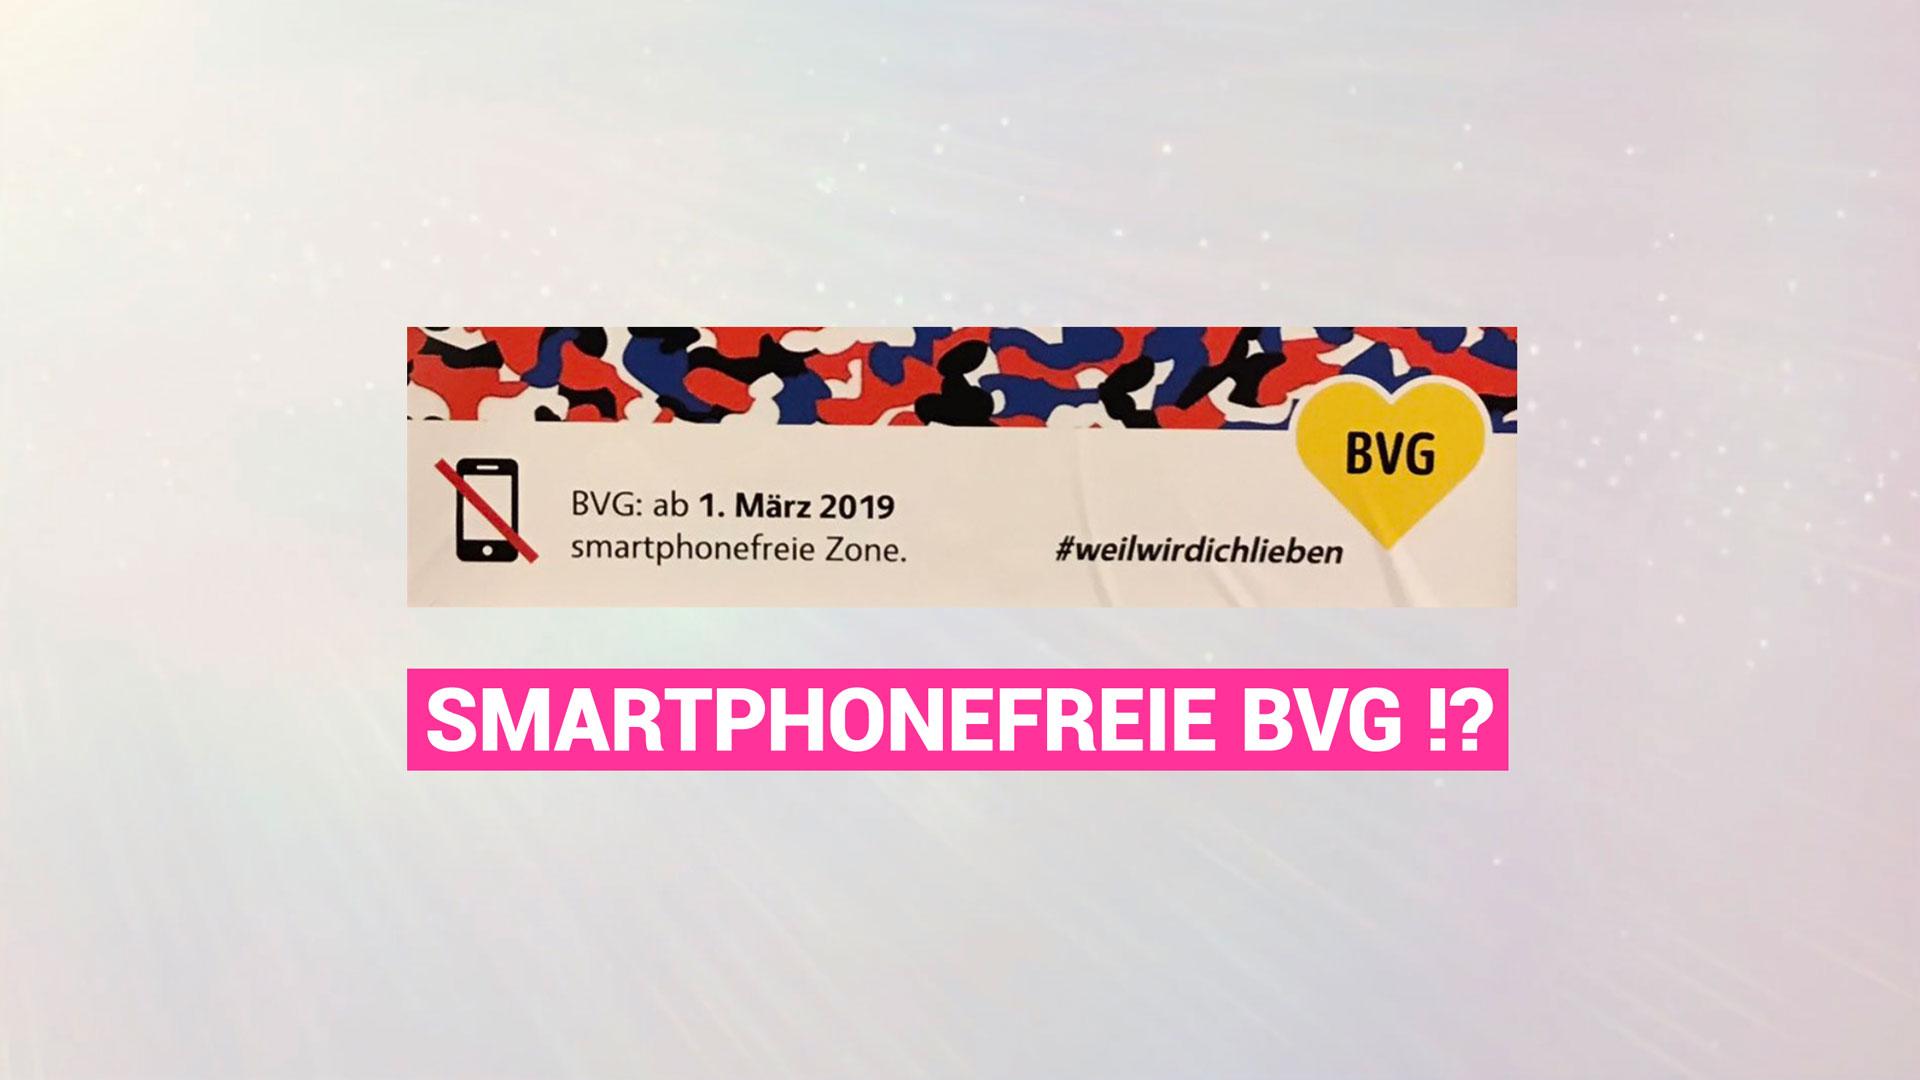 Guerilla-Aktion: BVG ab 1. März 2019 smartphonefreie Zone!